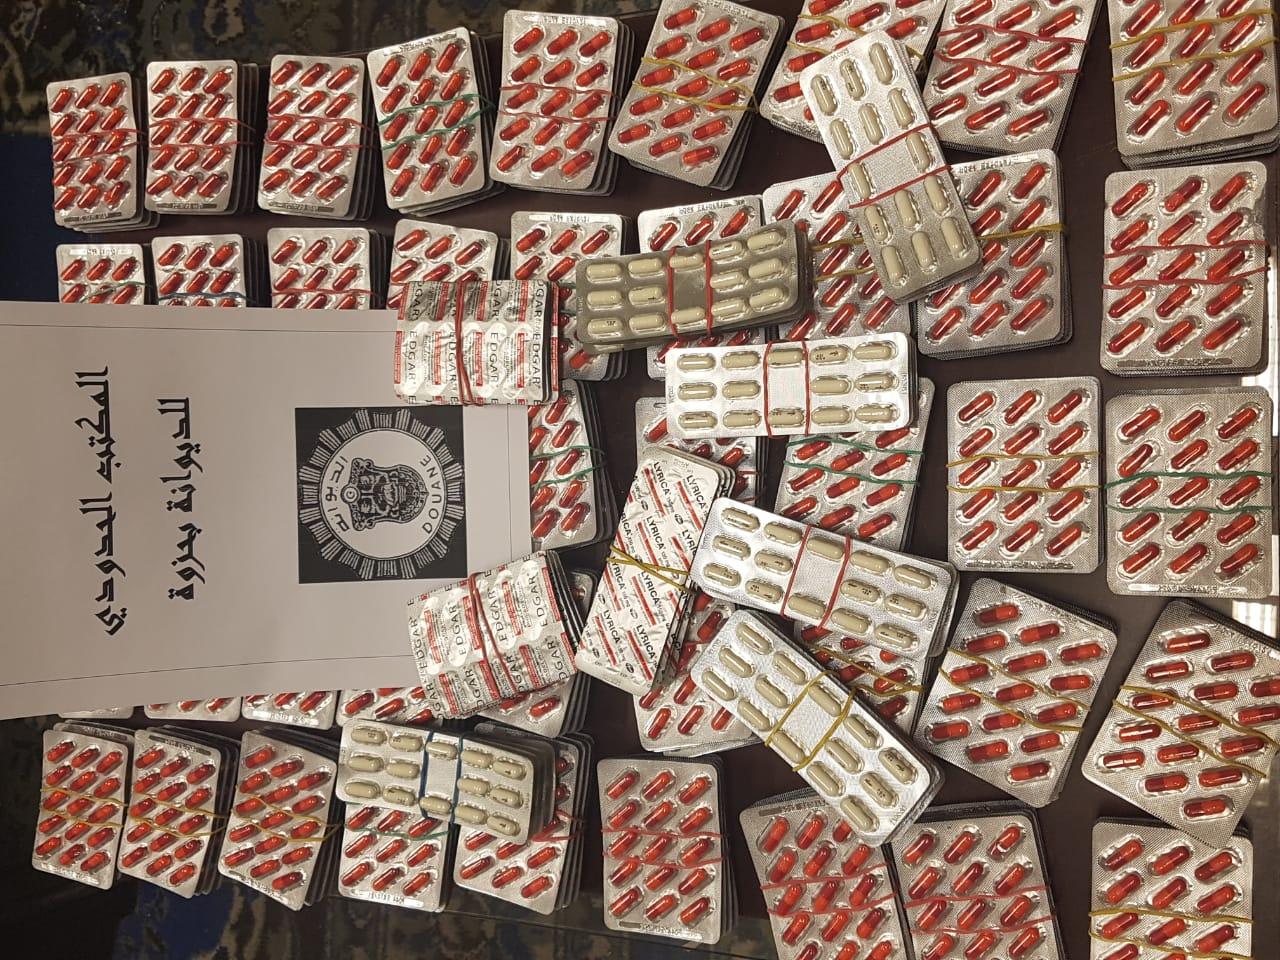 المصالح الحدودية للديوانة بمعبر حزوة تحجز 3369 حبة دواء مخدّر: